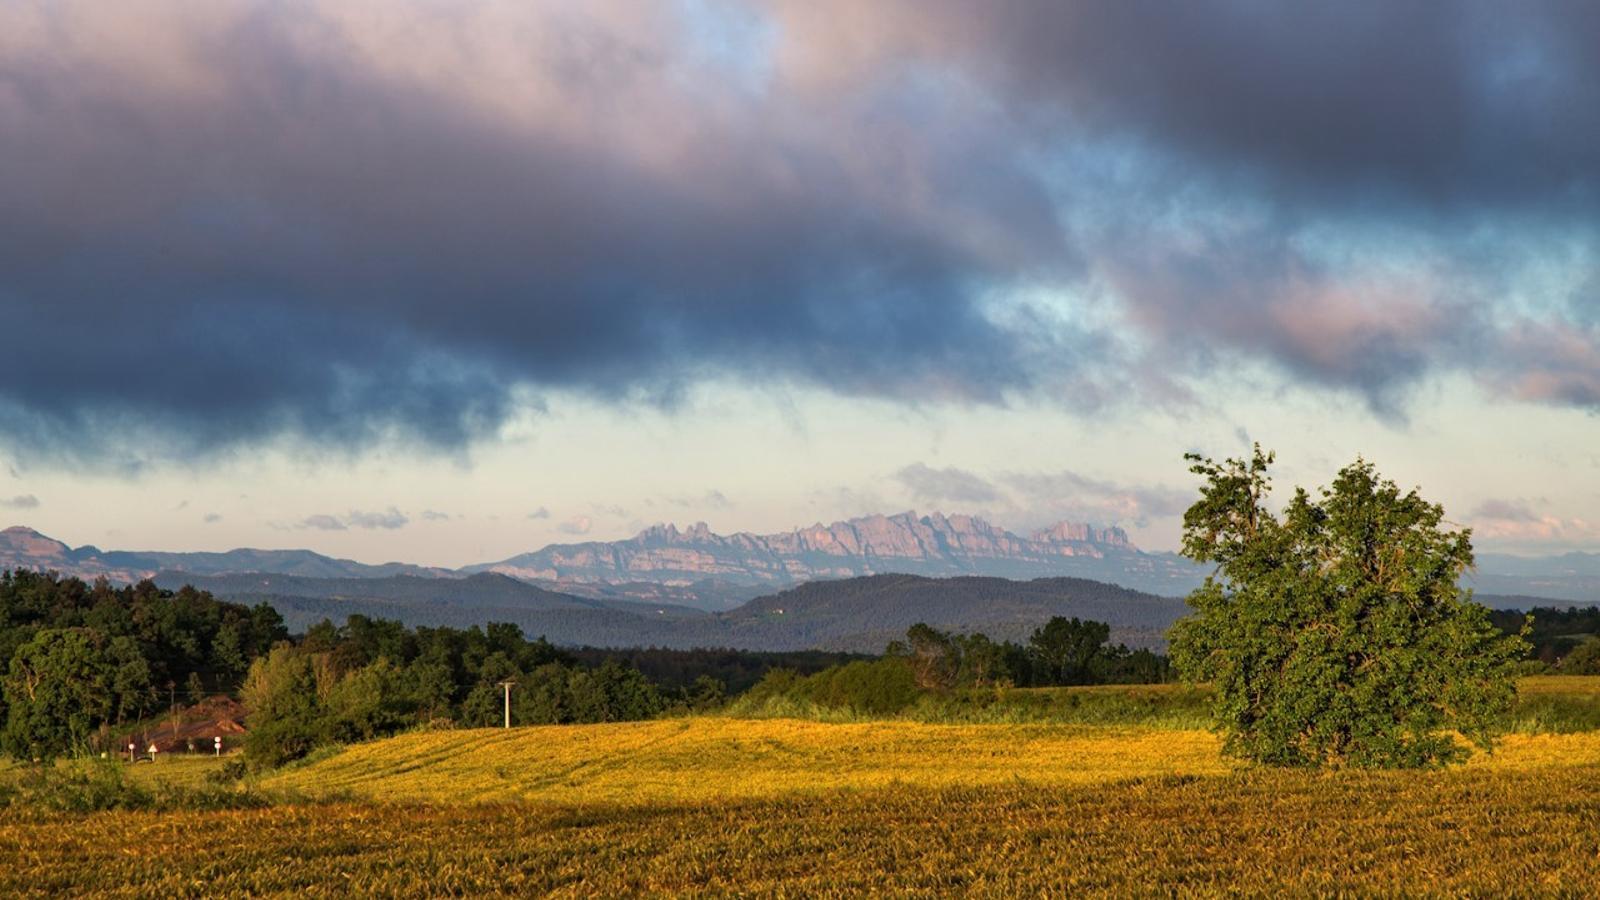 Sol, vent i tronades de tarda al nord del país